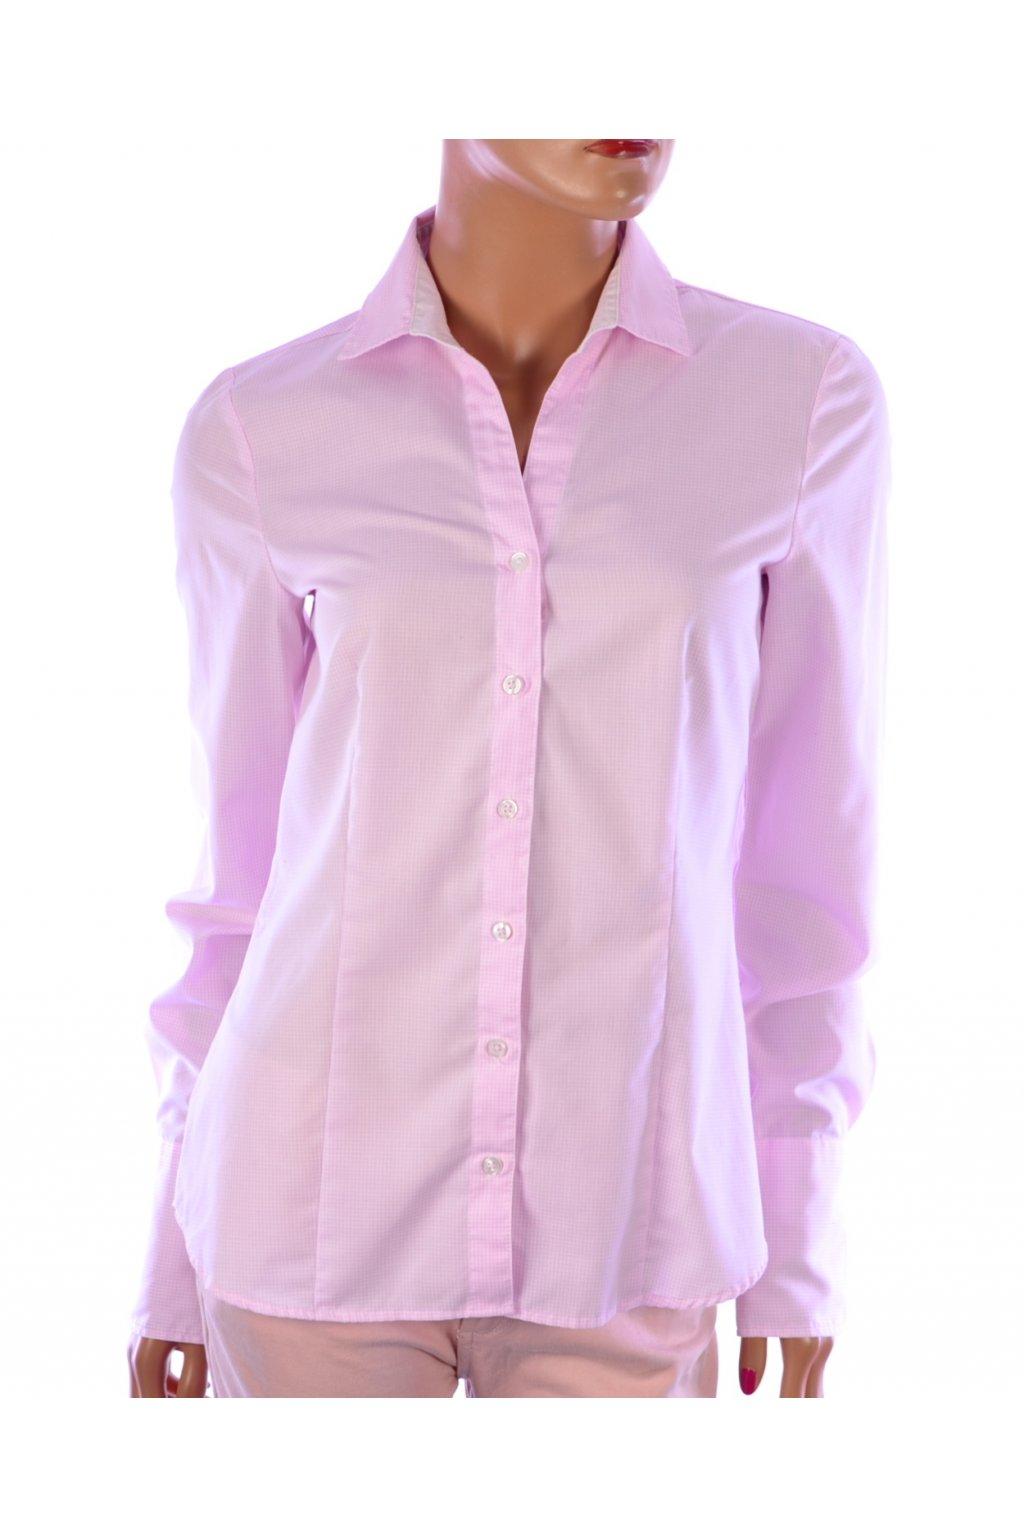 Halenka košile Esmara růžová vel. 36 / S